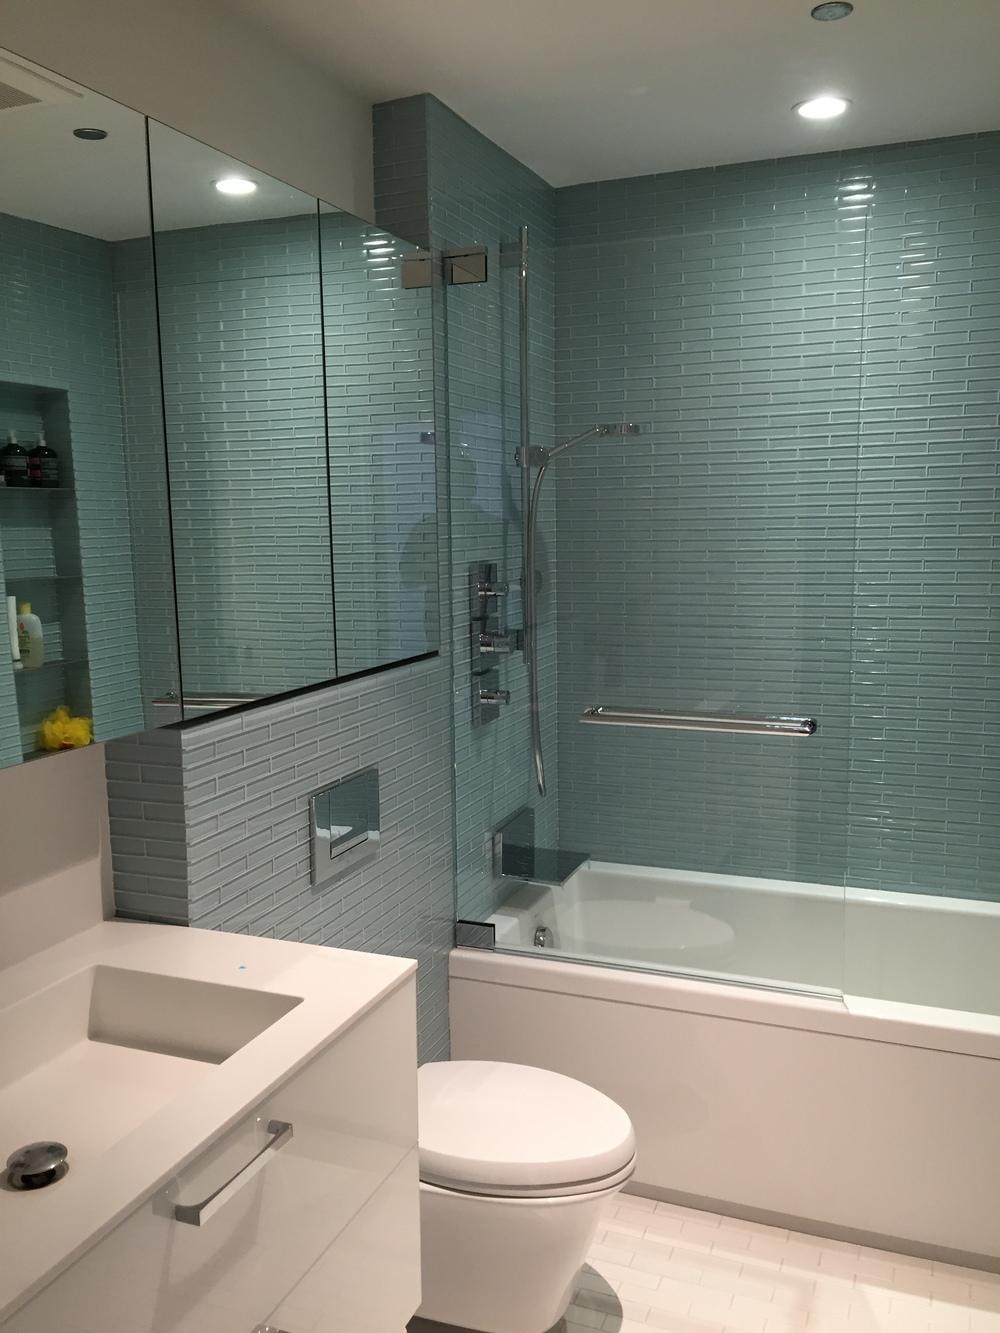 In-Progress Photo of Guest Bathroom